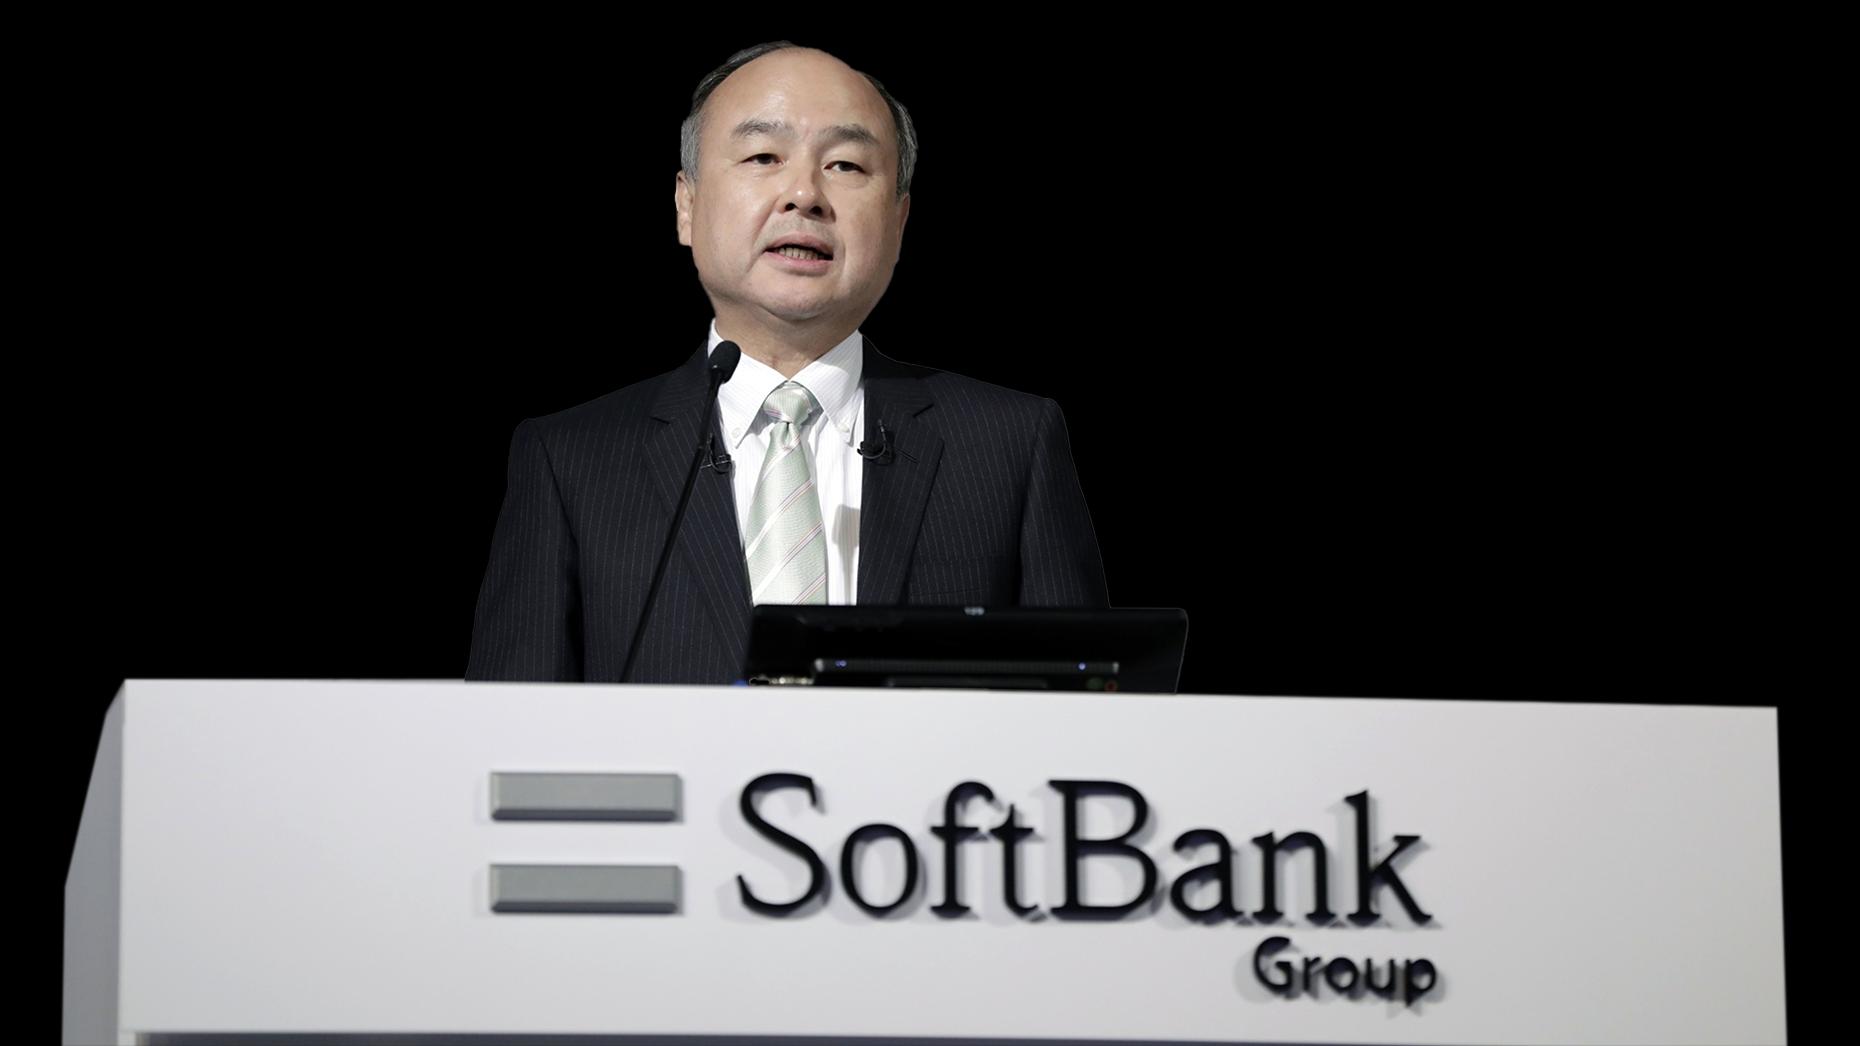 SoftBank founder Masayoshi Son. Photo: Bloomberg